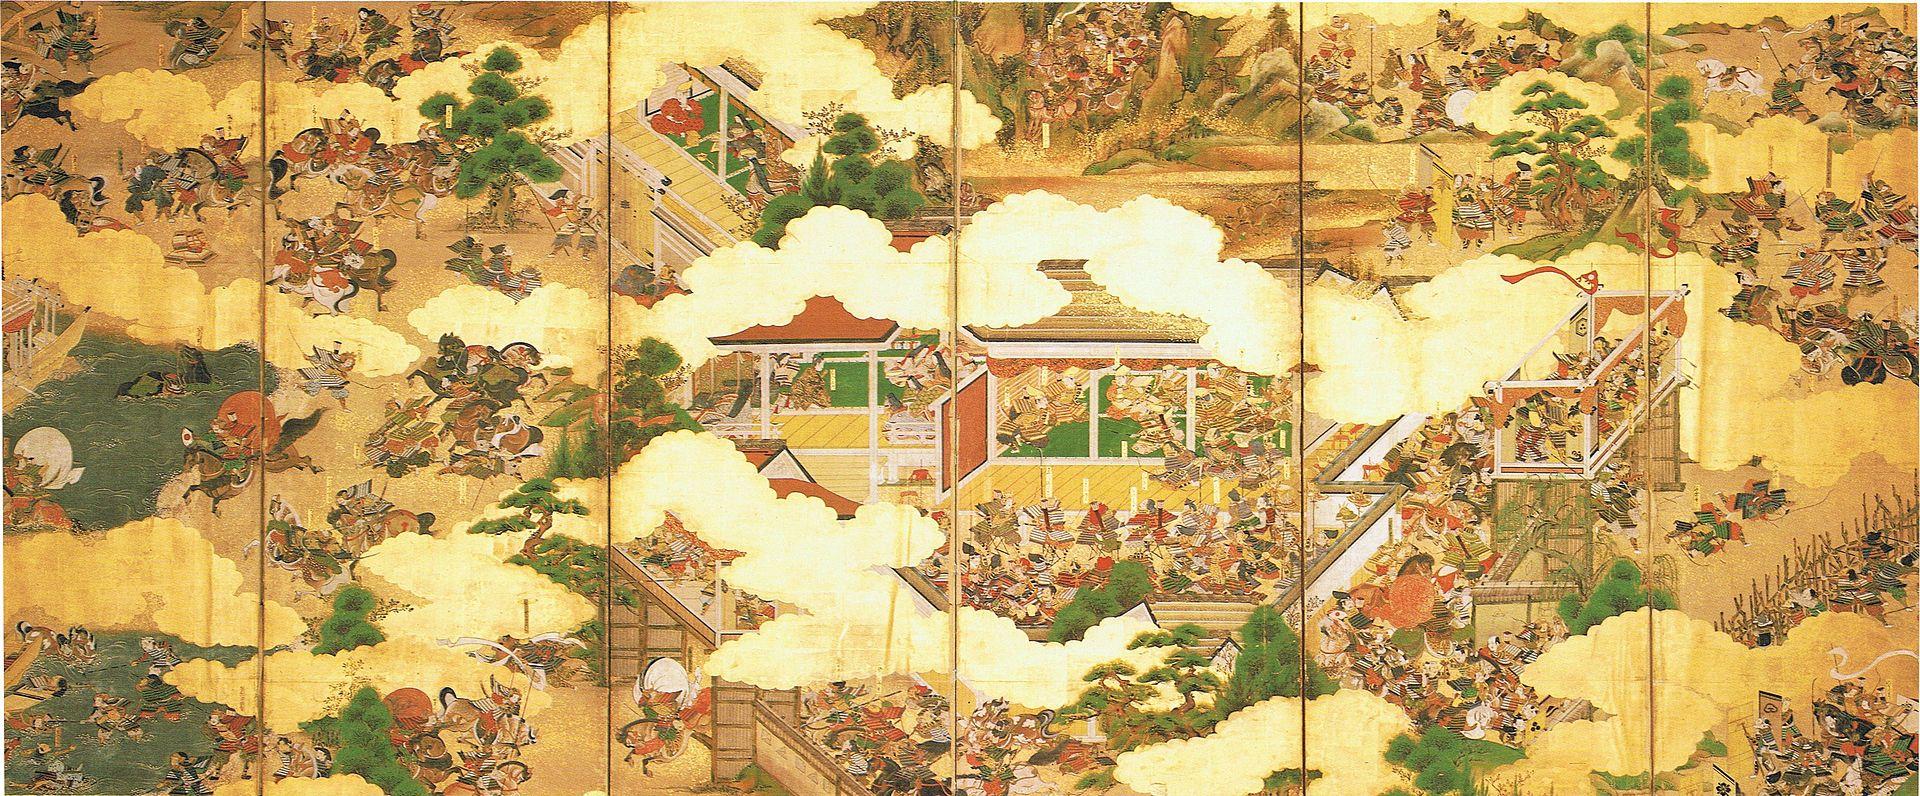 Боевые искусства и просвещение. Почему самураи практиковали Дзэн. Часть I